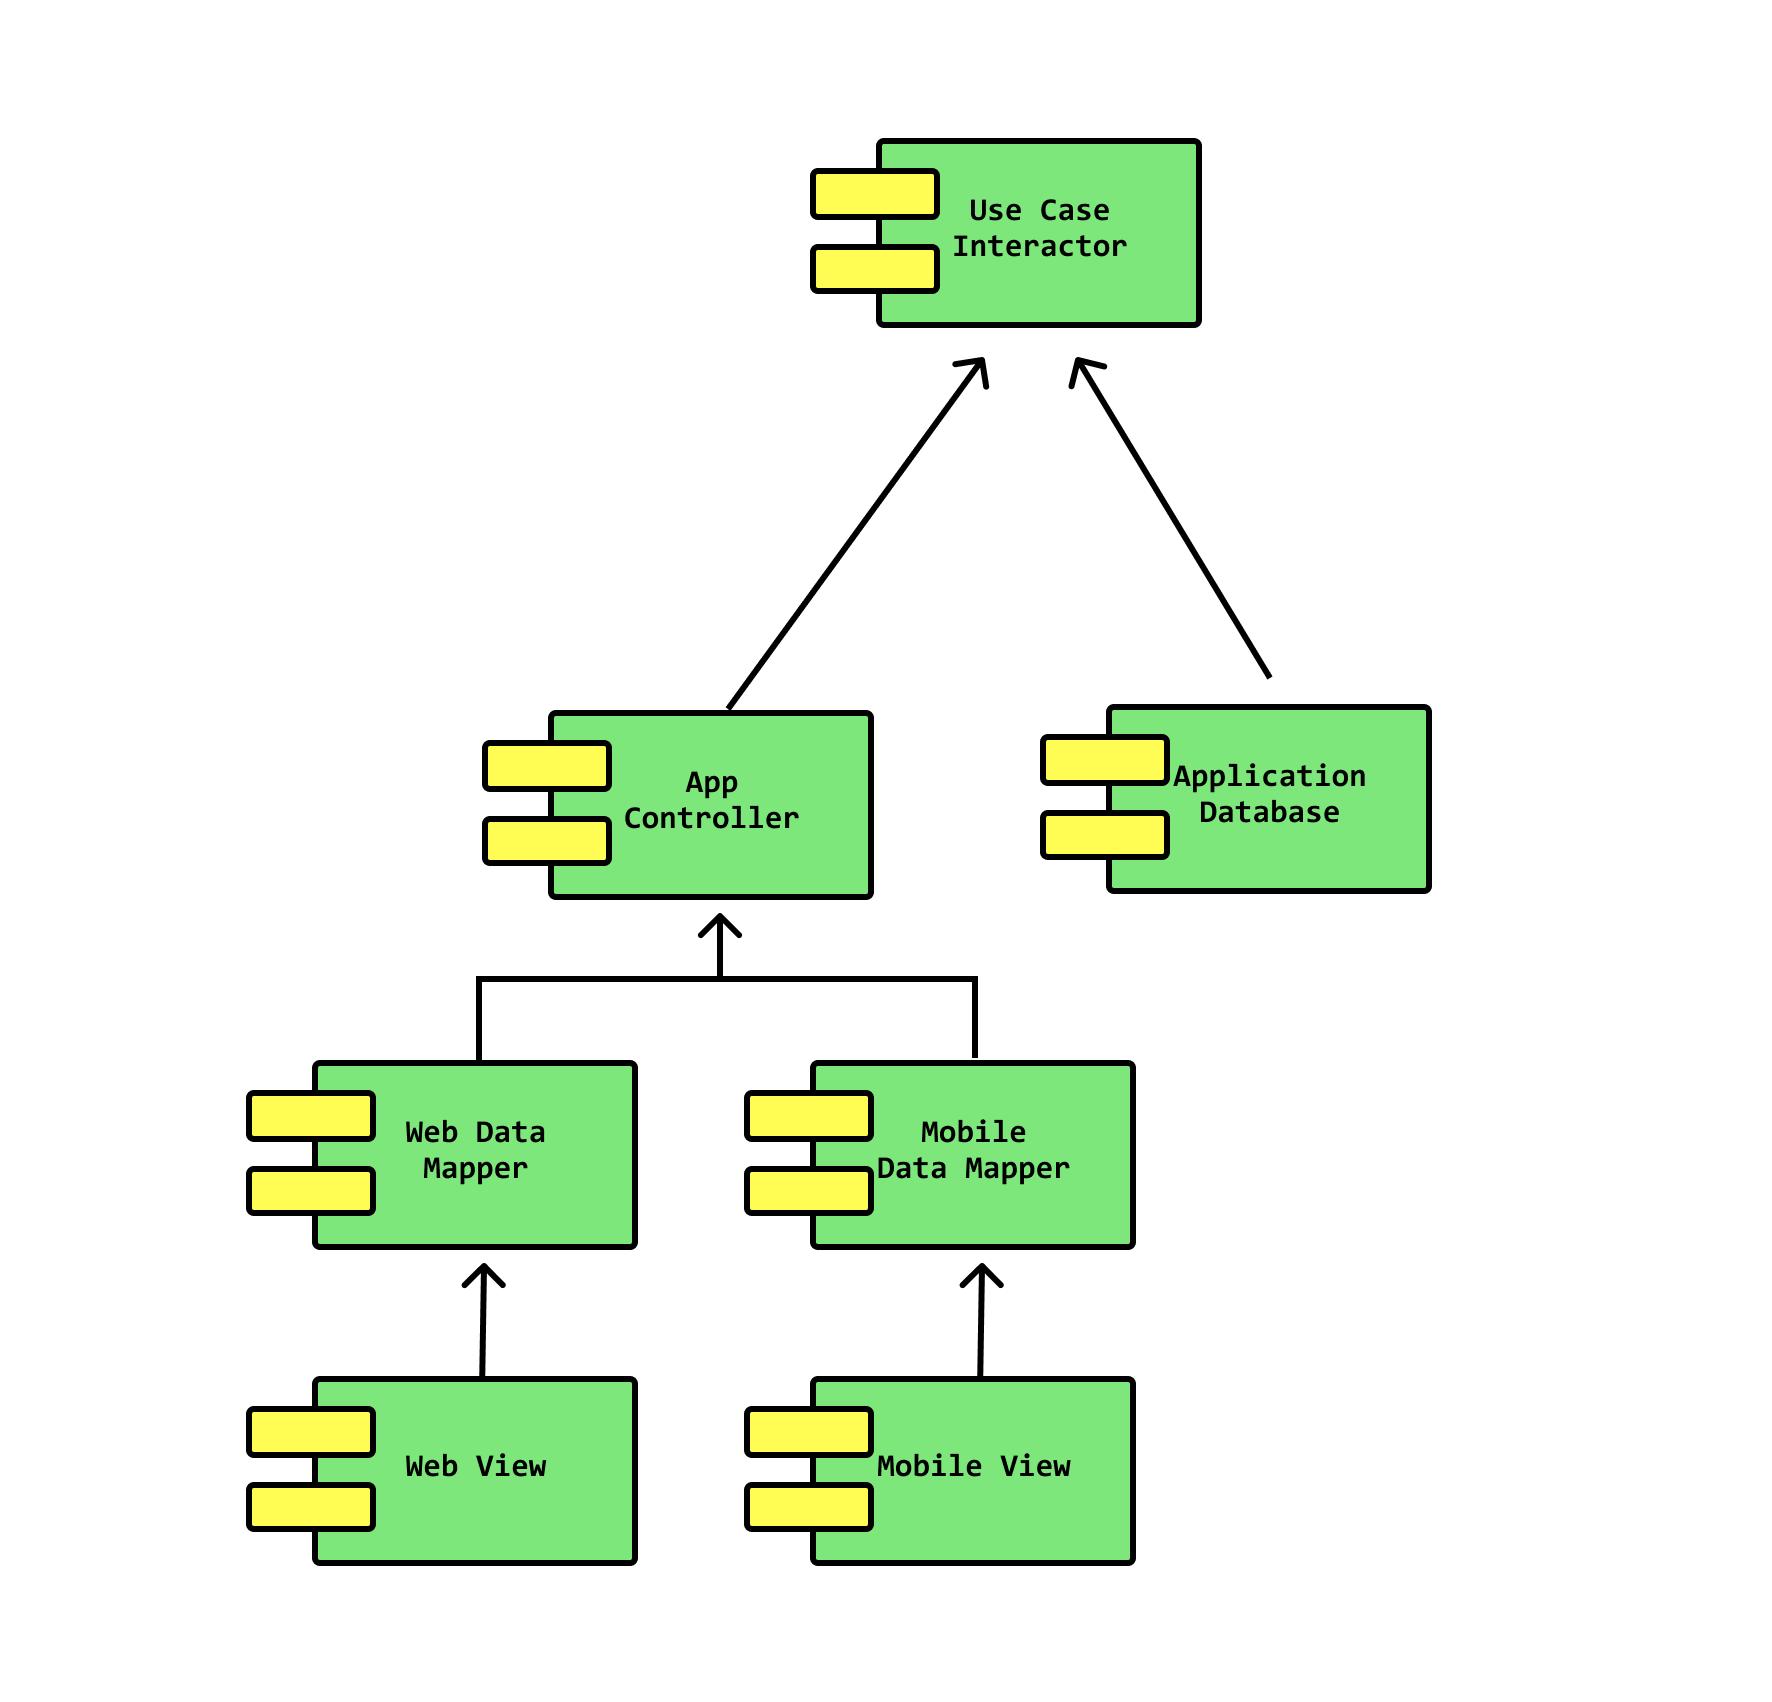 SOLID Principles: The Software Developer's Framework to